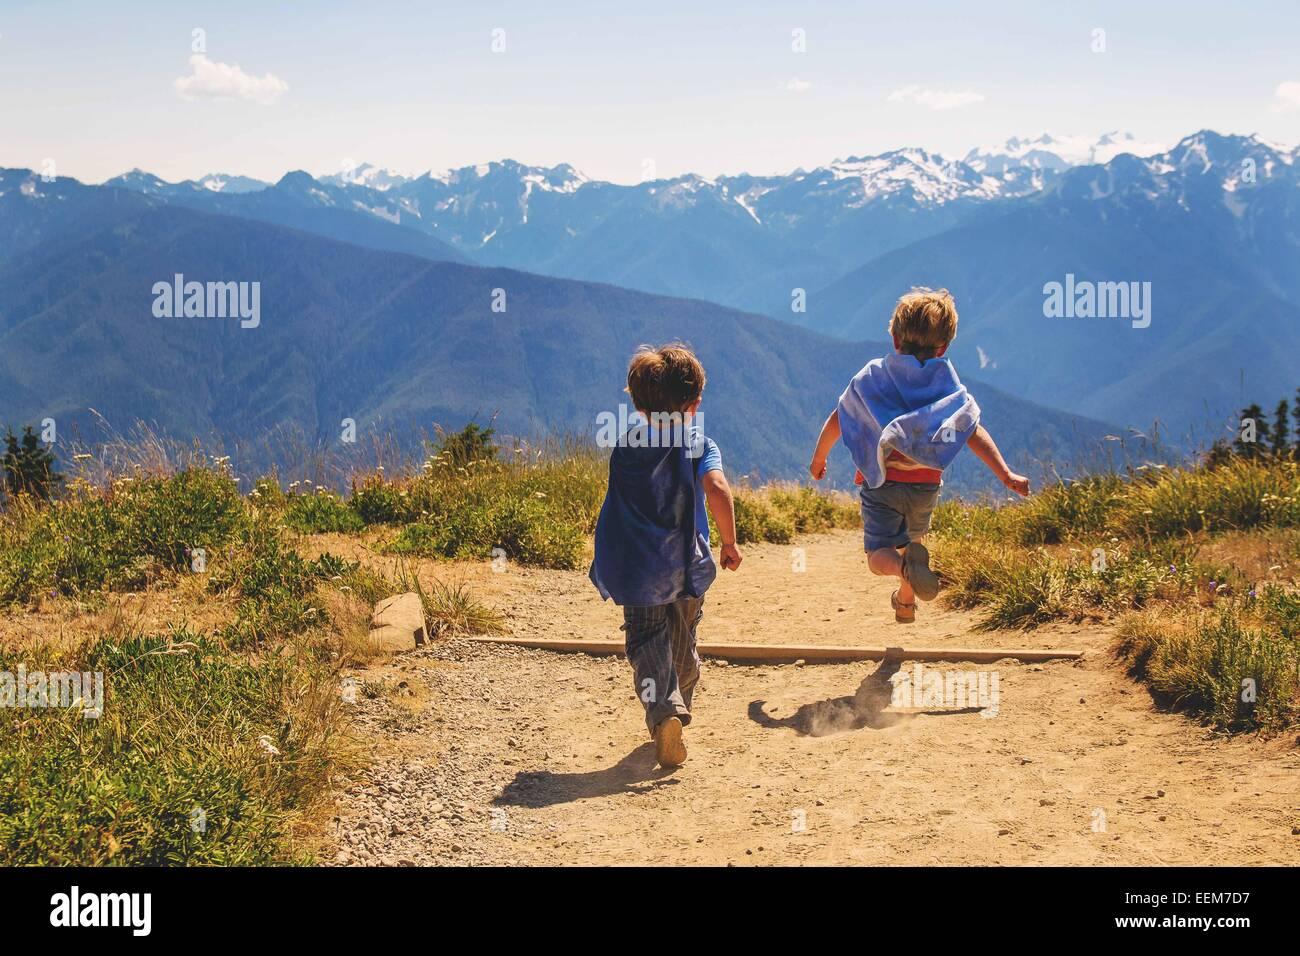 Dos chicos jóvenes (2-3, 4-5) vistiendo super hero capes girando en la montaña Imagen De Stock